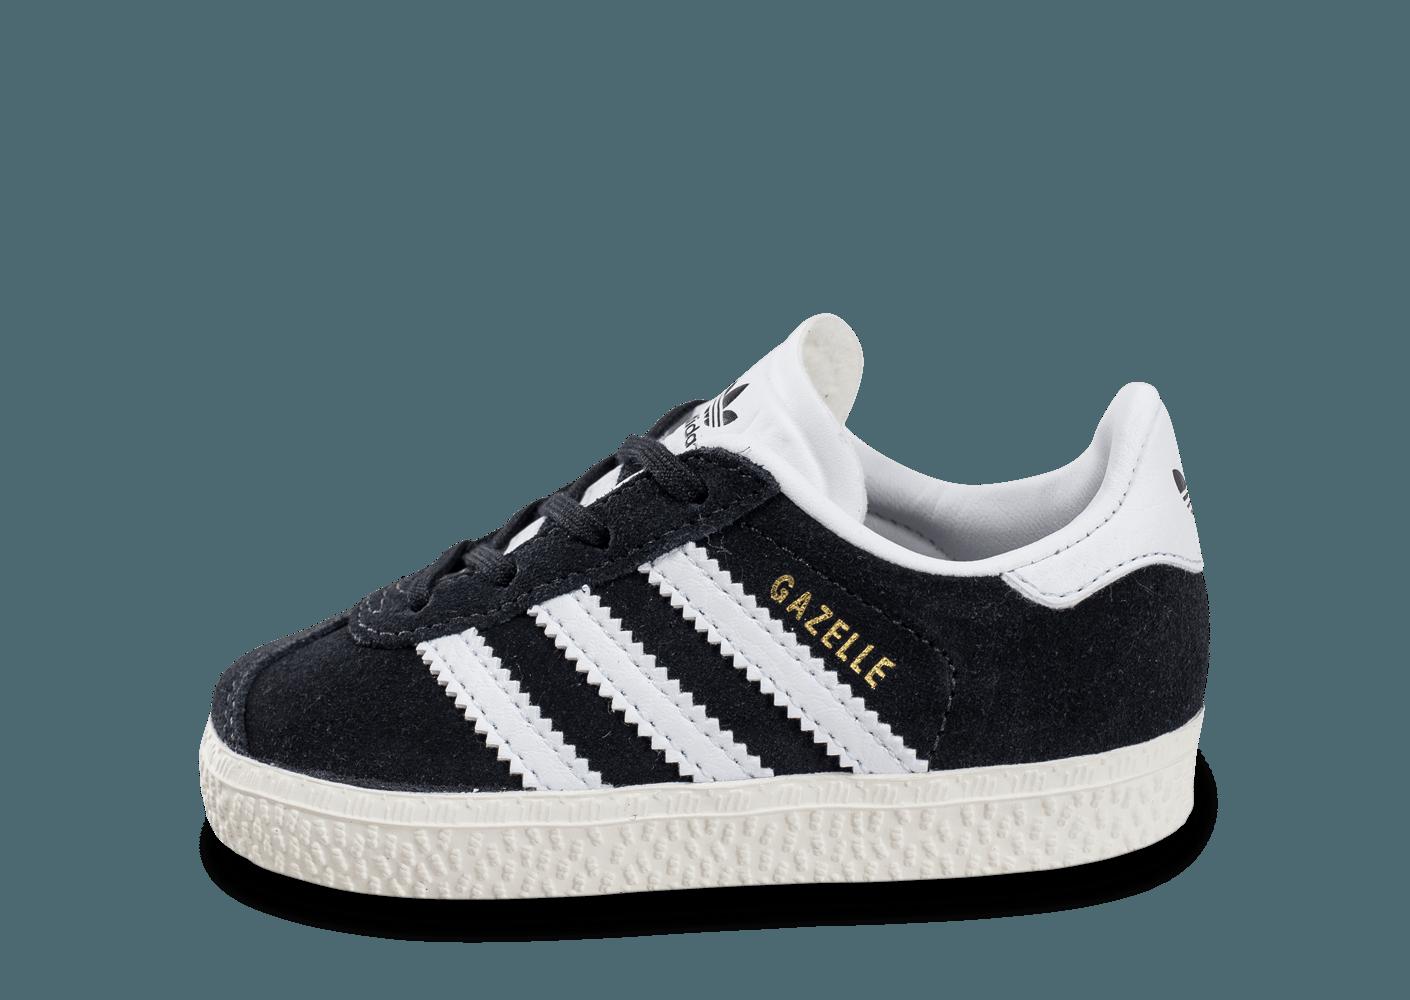 reputable site a1fe4 0a547 Prix de gros adidas gazelle noir bebe France vente en ligne, toutes les  gammes de chaussures Nike pour hommes et femmes outlet pas cher.